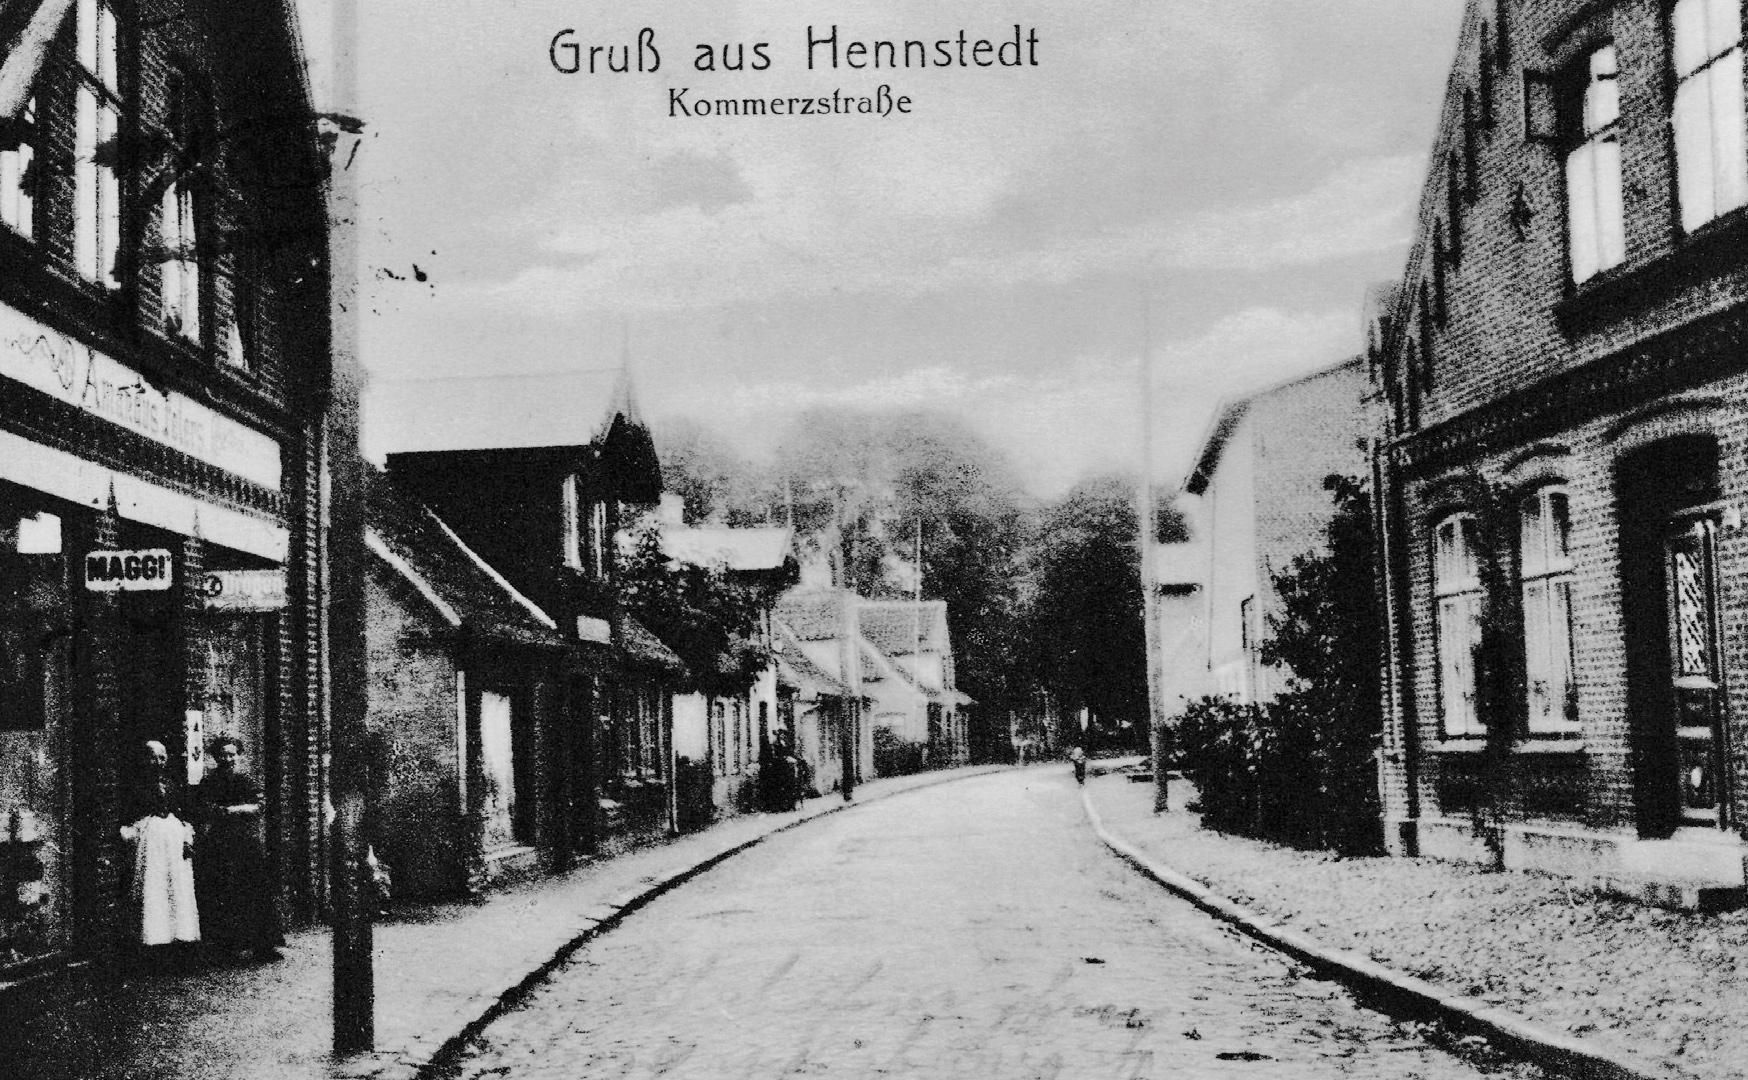 dorf_bilder/Chronik-Hennstedt-303-4.jpg